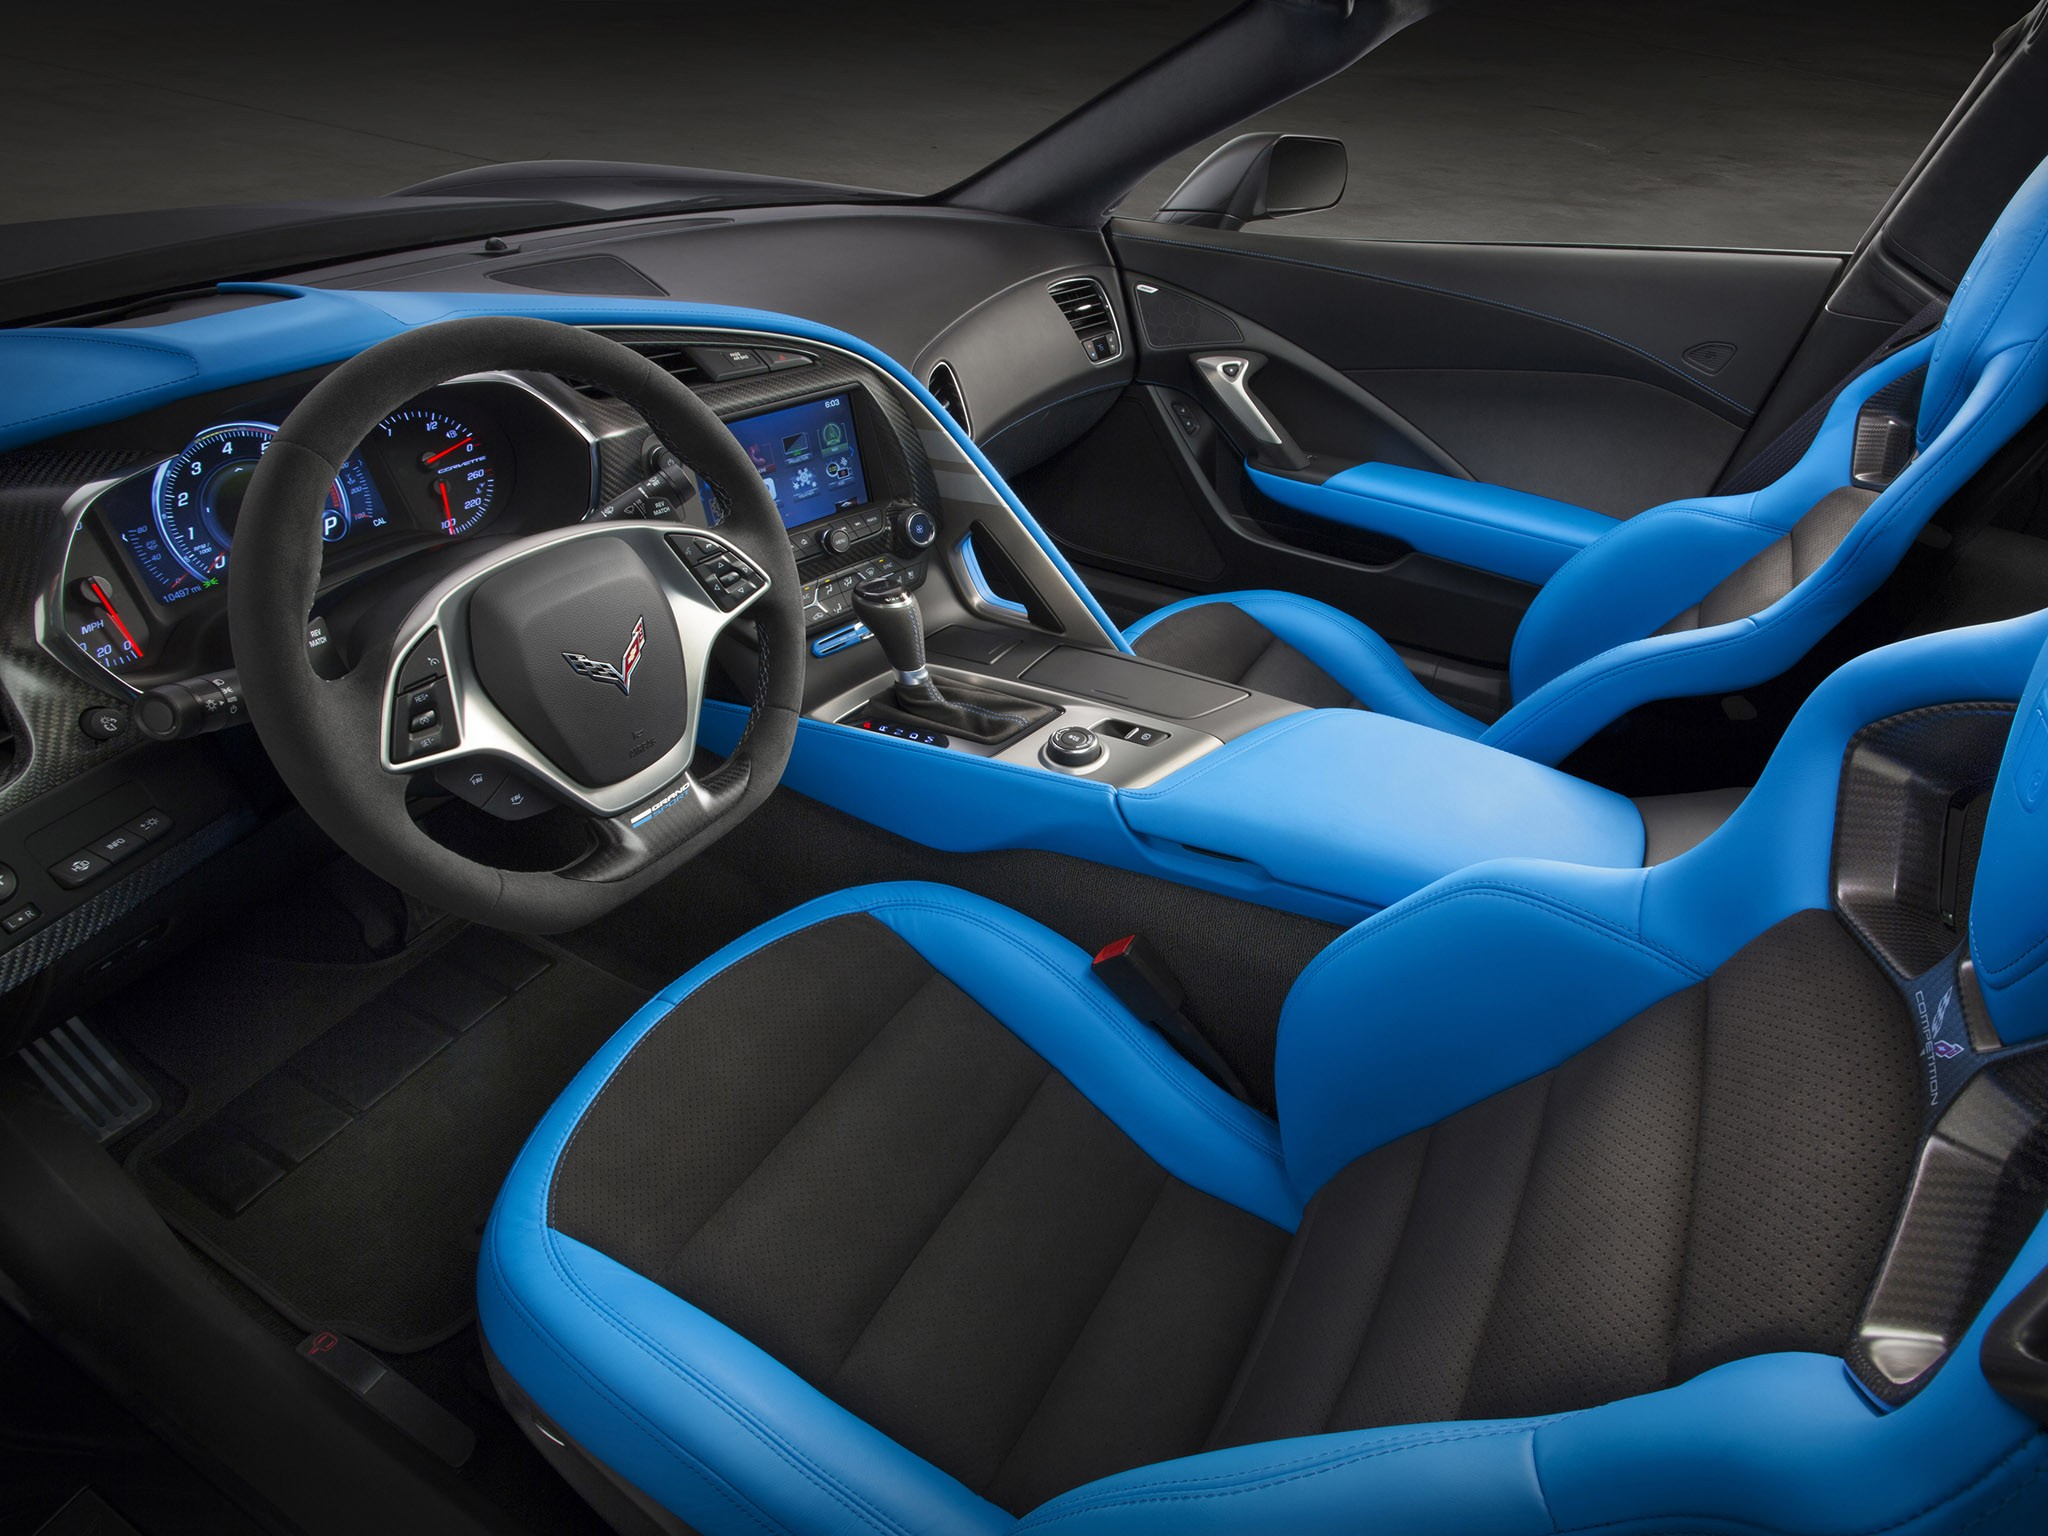 2016 Chevrolet Corvette C7 Grand Sport